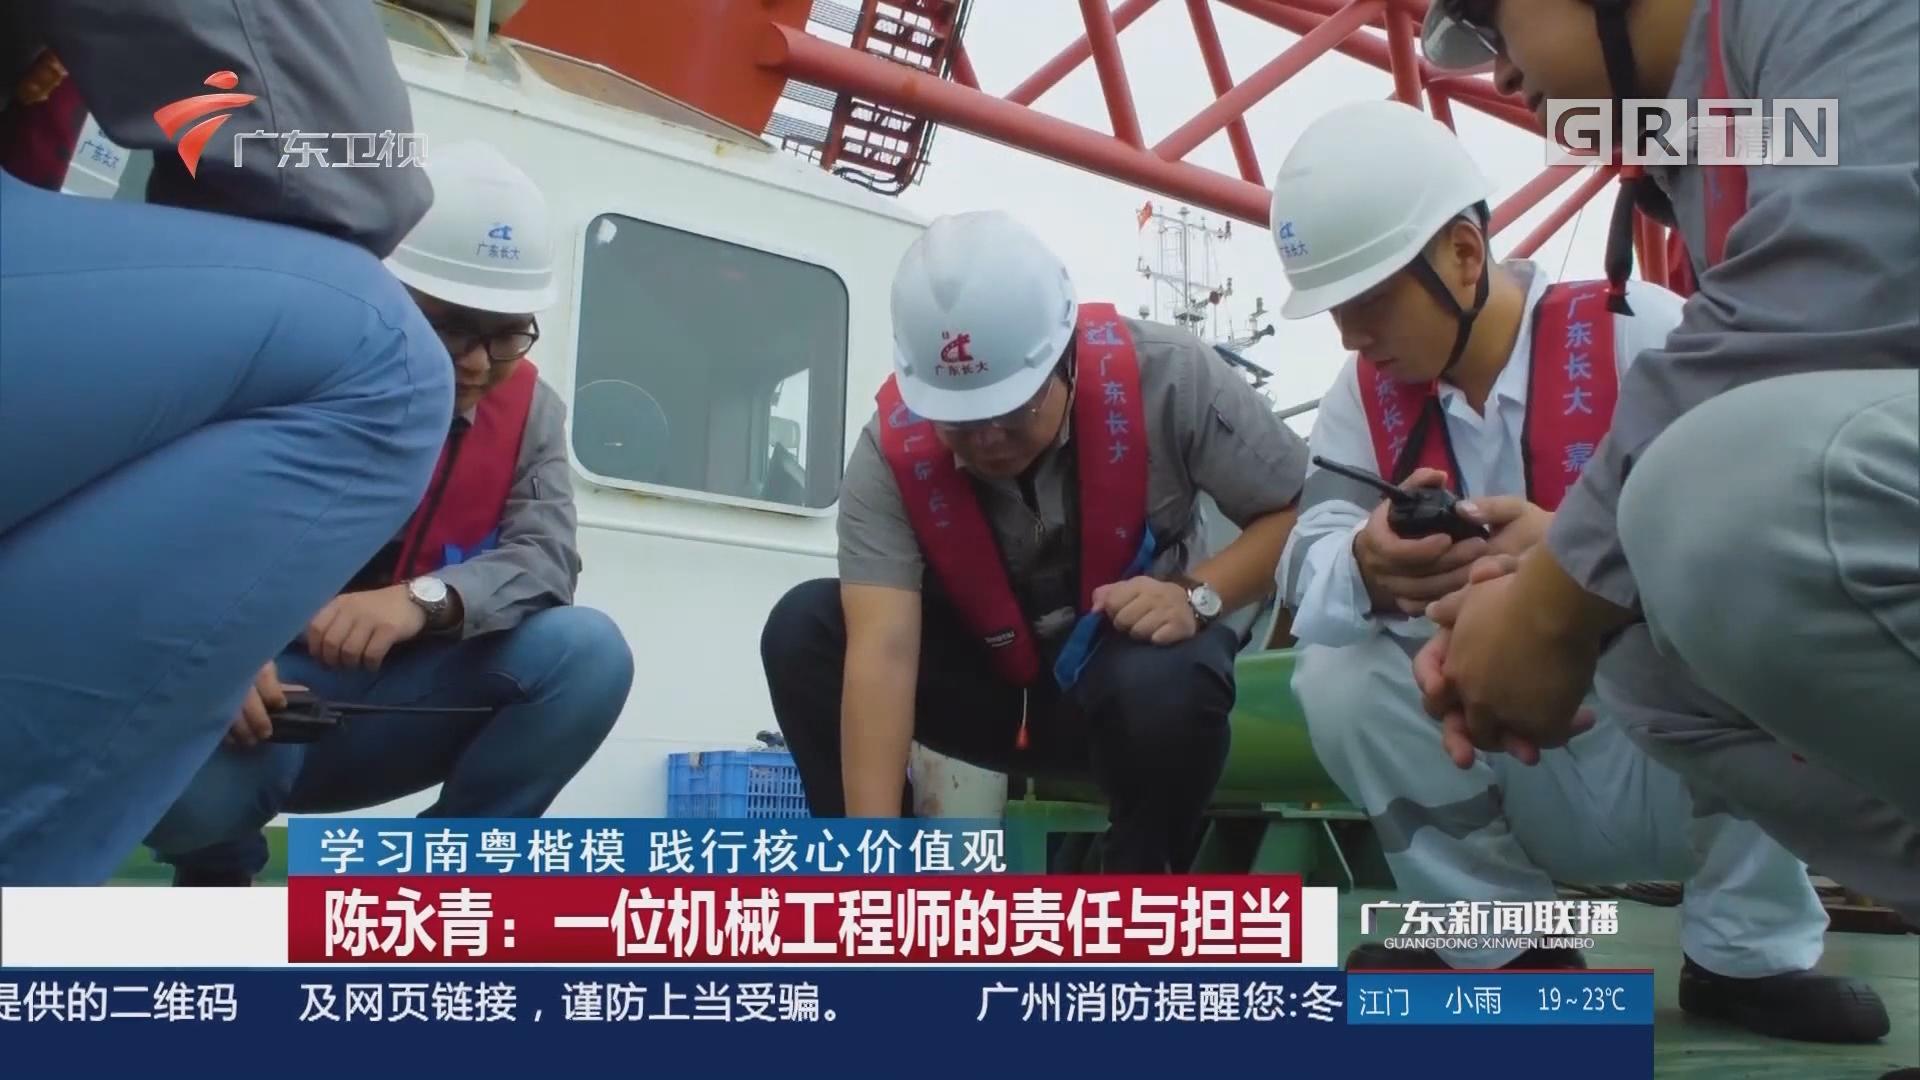 陈永青:一位机械工程师的责任与担当